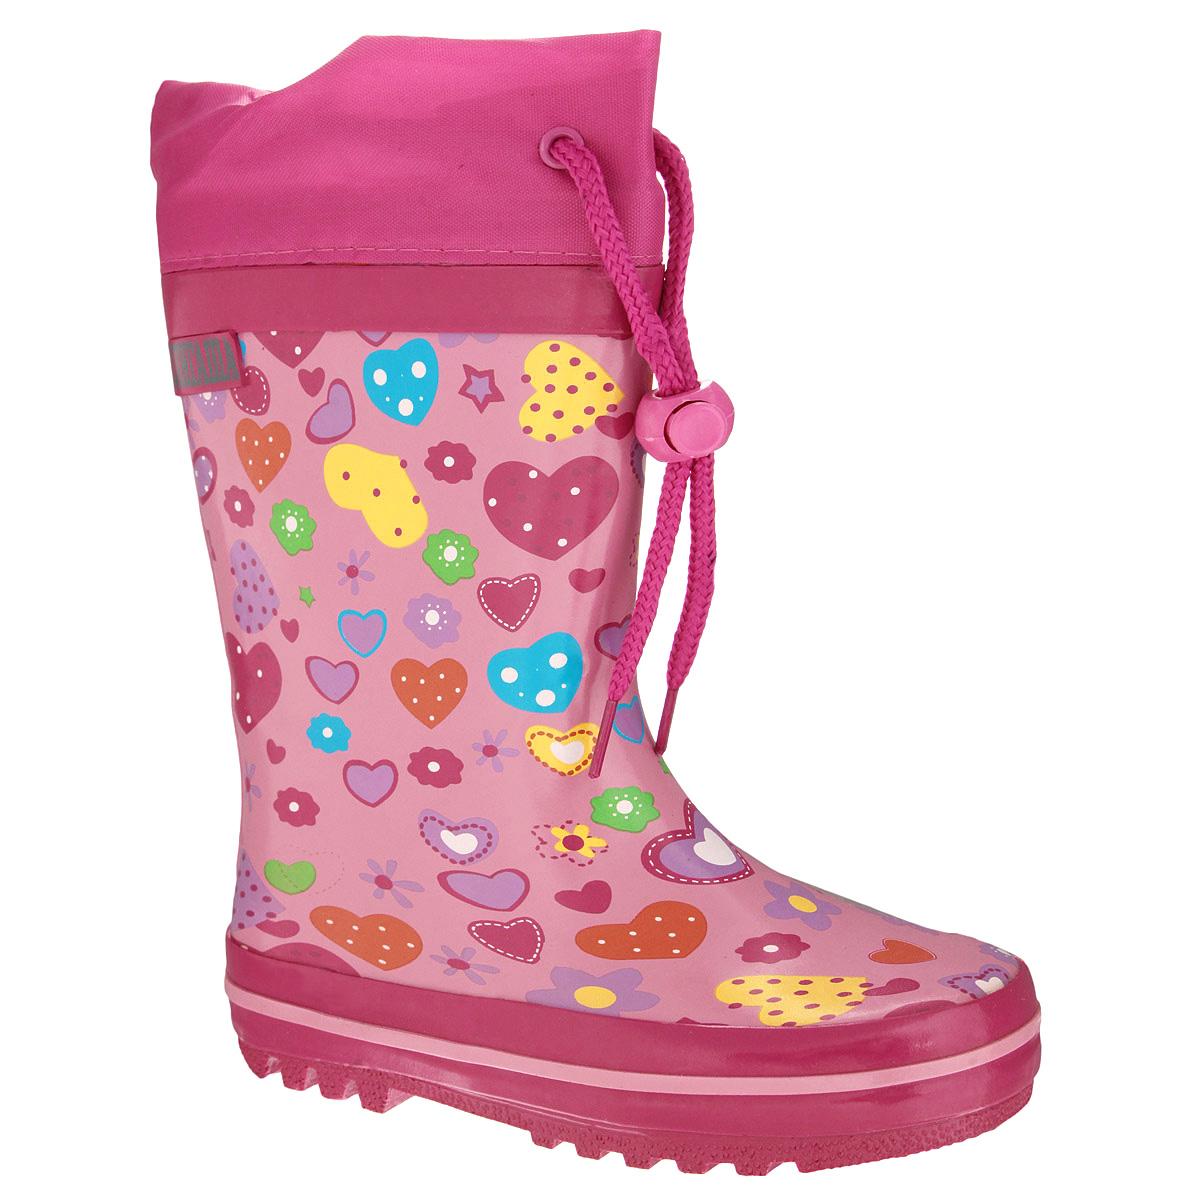 13-304Резиновые сапожки для девочки Аллигаша - идеальная обувь в дождливую погоду. Сапоги выполнены из качественной резины и оформлены ярким принтом с изображением сердечек, звездочек и цветочков, а также логотипом бренда. Подкладка, выполненная из текстиля, подарит ощущение комфорта вашему ребенку. Главным преимуществом резиновых сапожек является наличие съемного текстильного носочка, что позволяет носить сапожки не только дождливым летом, но и сырой прохладной осенью. Текстильный верх голенища регулируется в объеме за счет шнурка со стоппером. Резиновые сапожки прекрасно защитят ножки вашего ребенка от промокания в дождливый день.